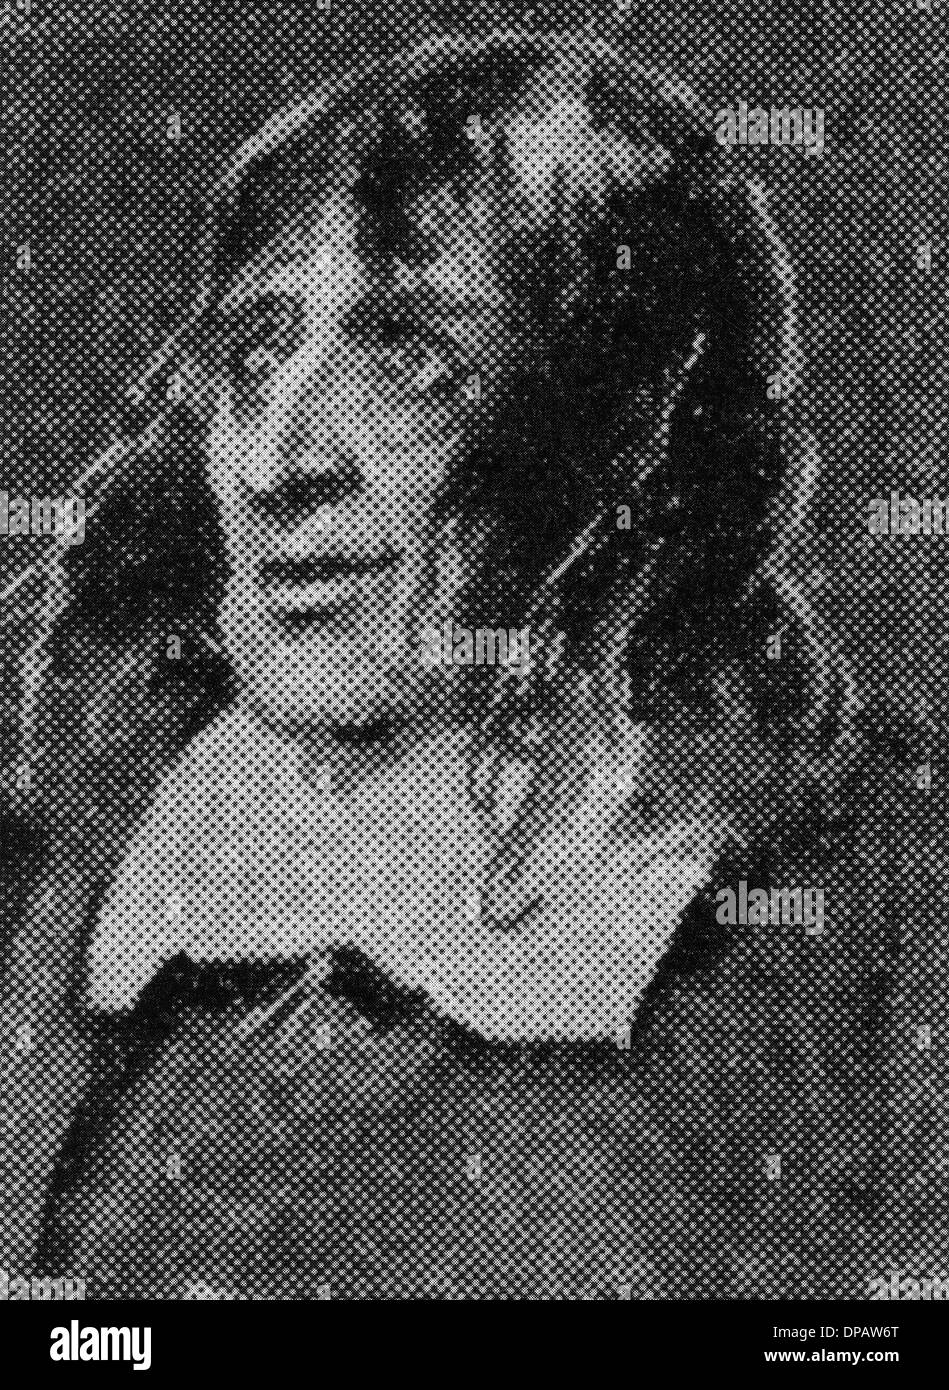 ROBERT HOOKE (1635-1703) - Stock Image